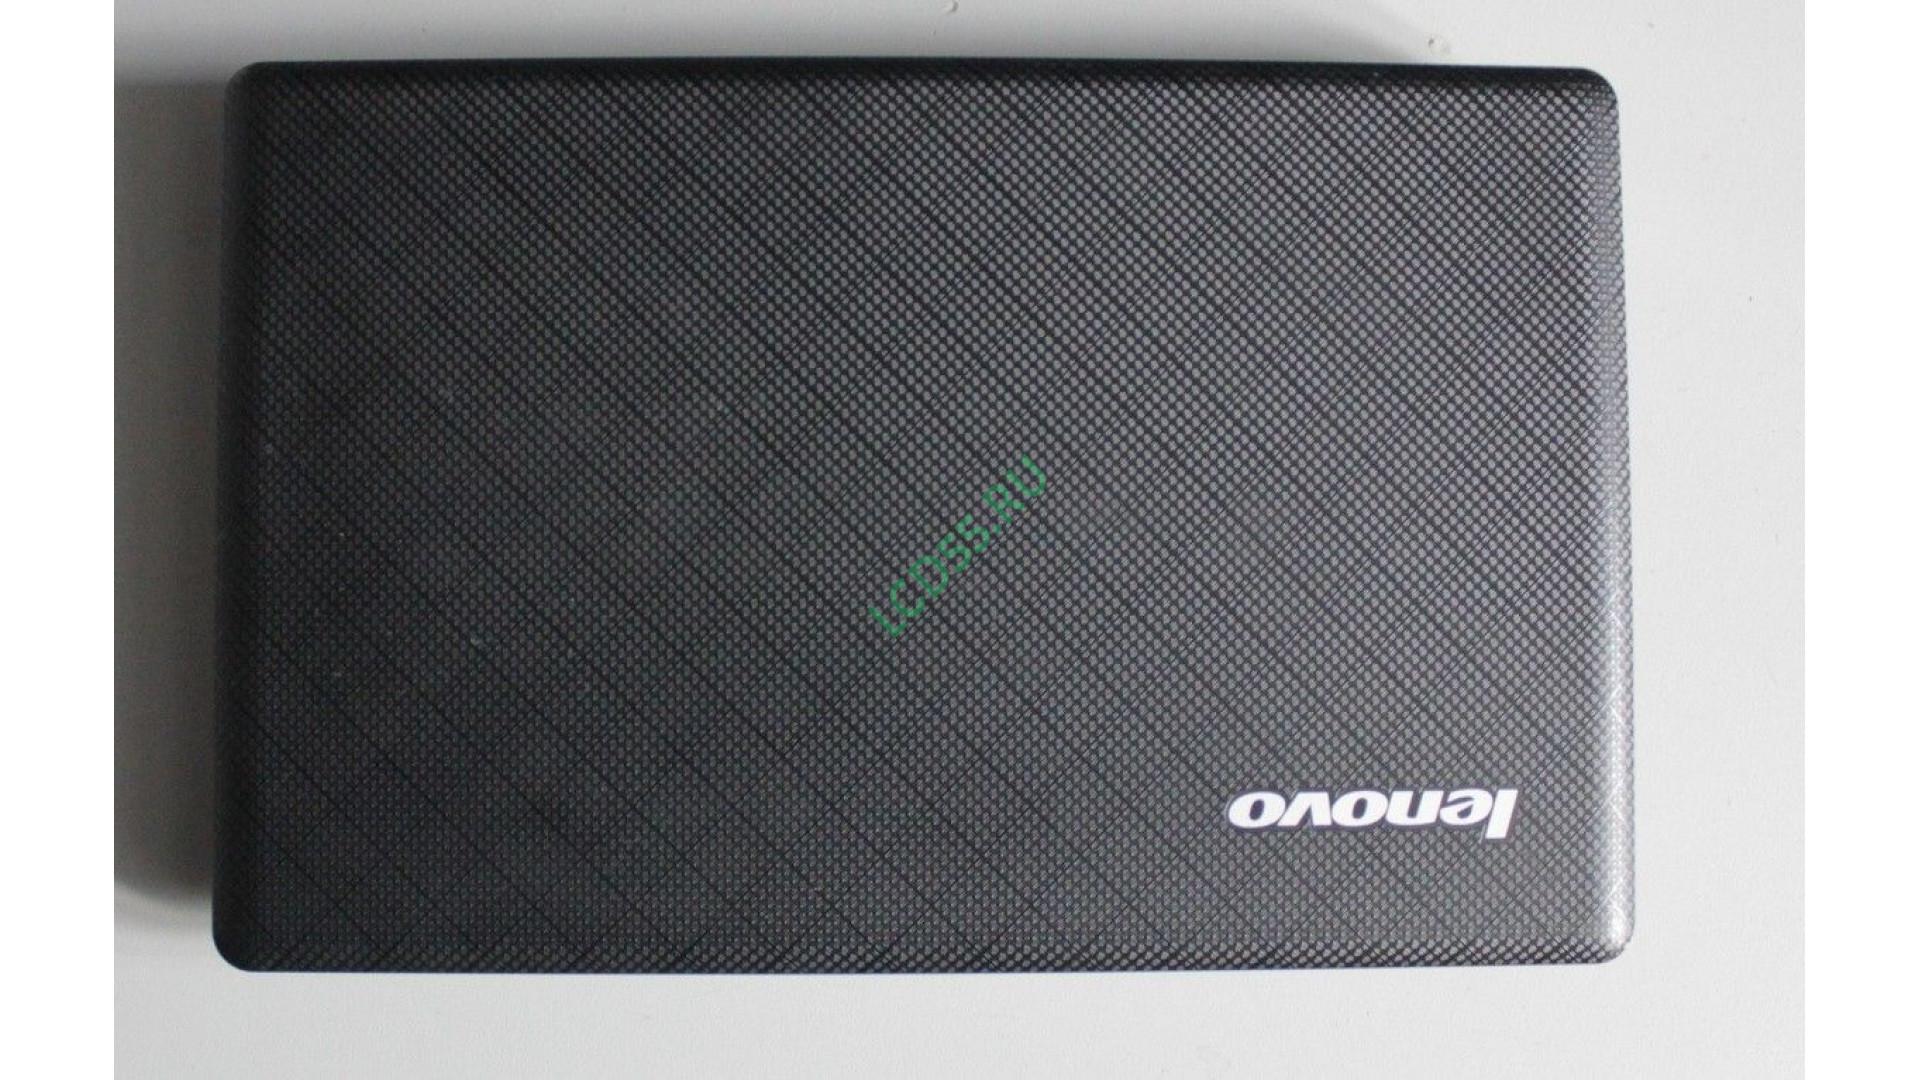 Lenovo IdeaPad S100 (20109)